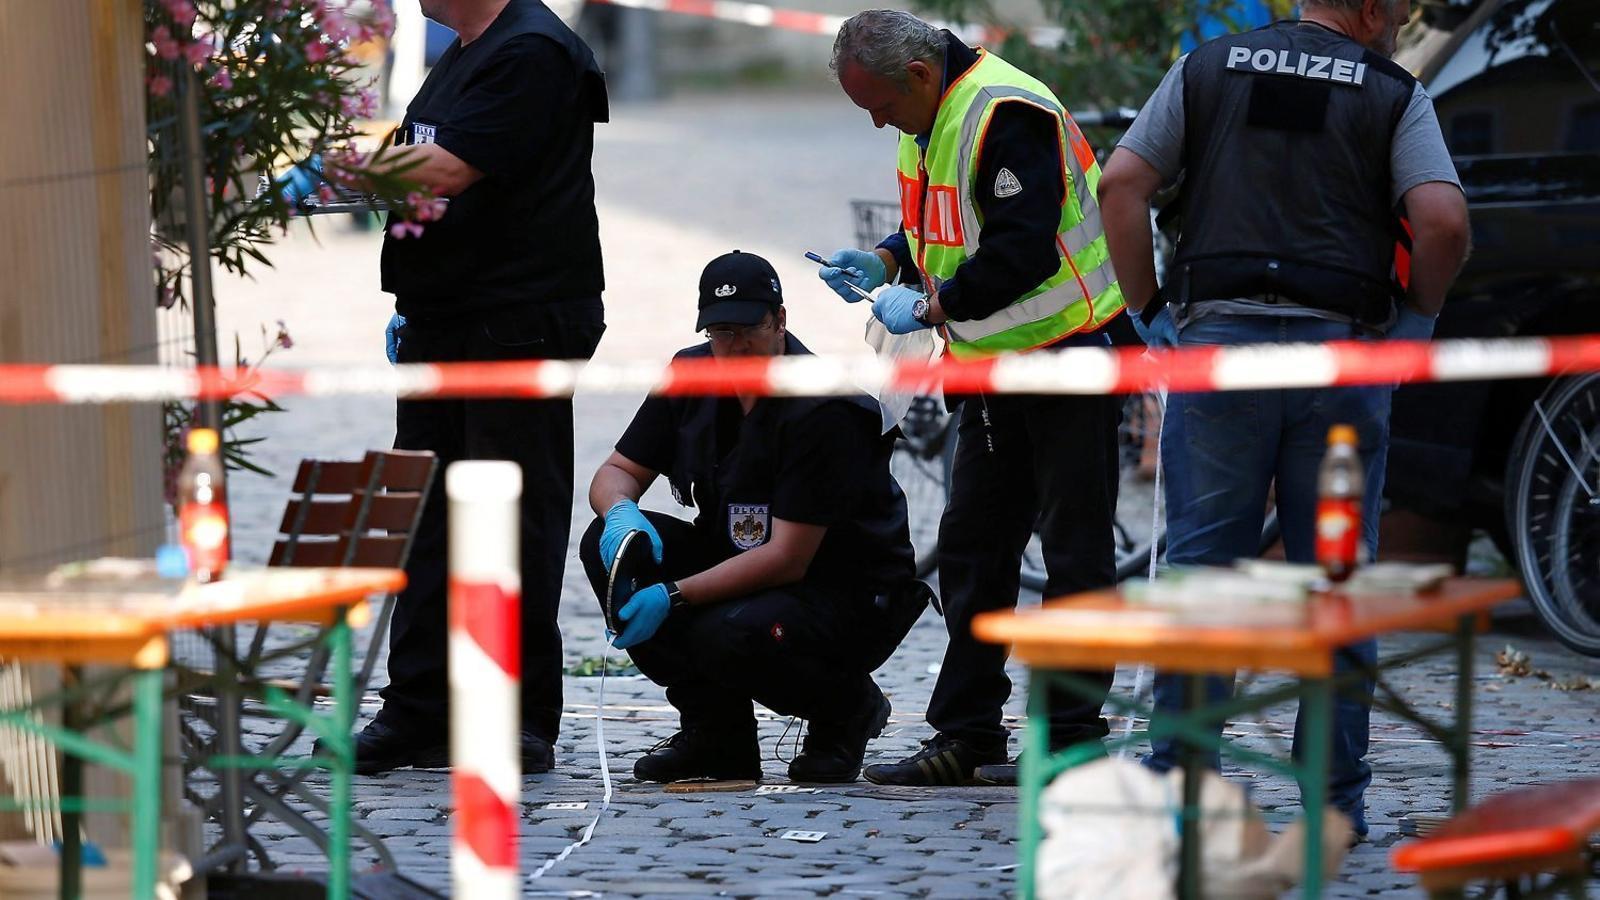 Agents de policia treballant ahir a la ciutat d'Ansbach, al sud d'Alemanya, on un jove sirià va fer detonar una bomba la nit anterior.